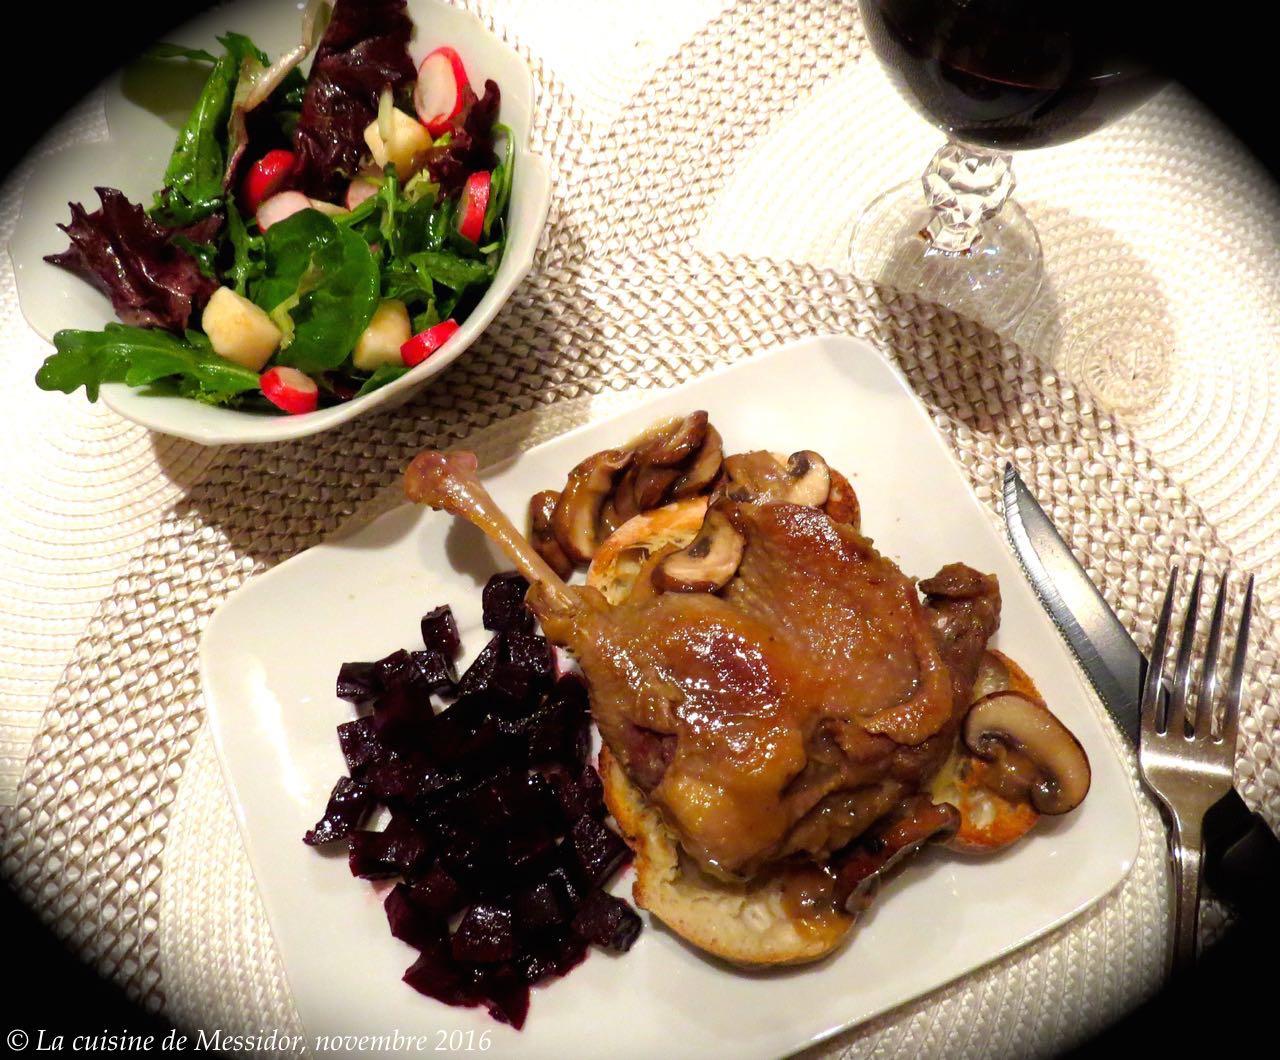 La cuisine de messidor cuisses de canard confites sauce aux champignons minute - Cuisse de canard en sauce ...